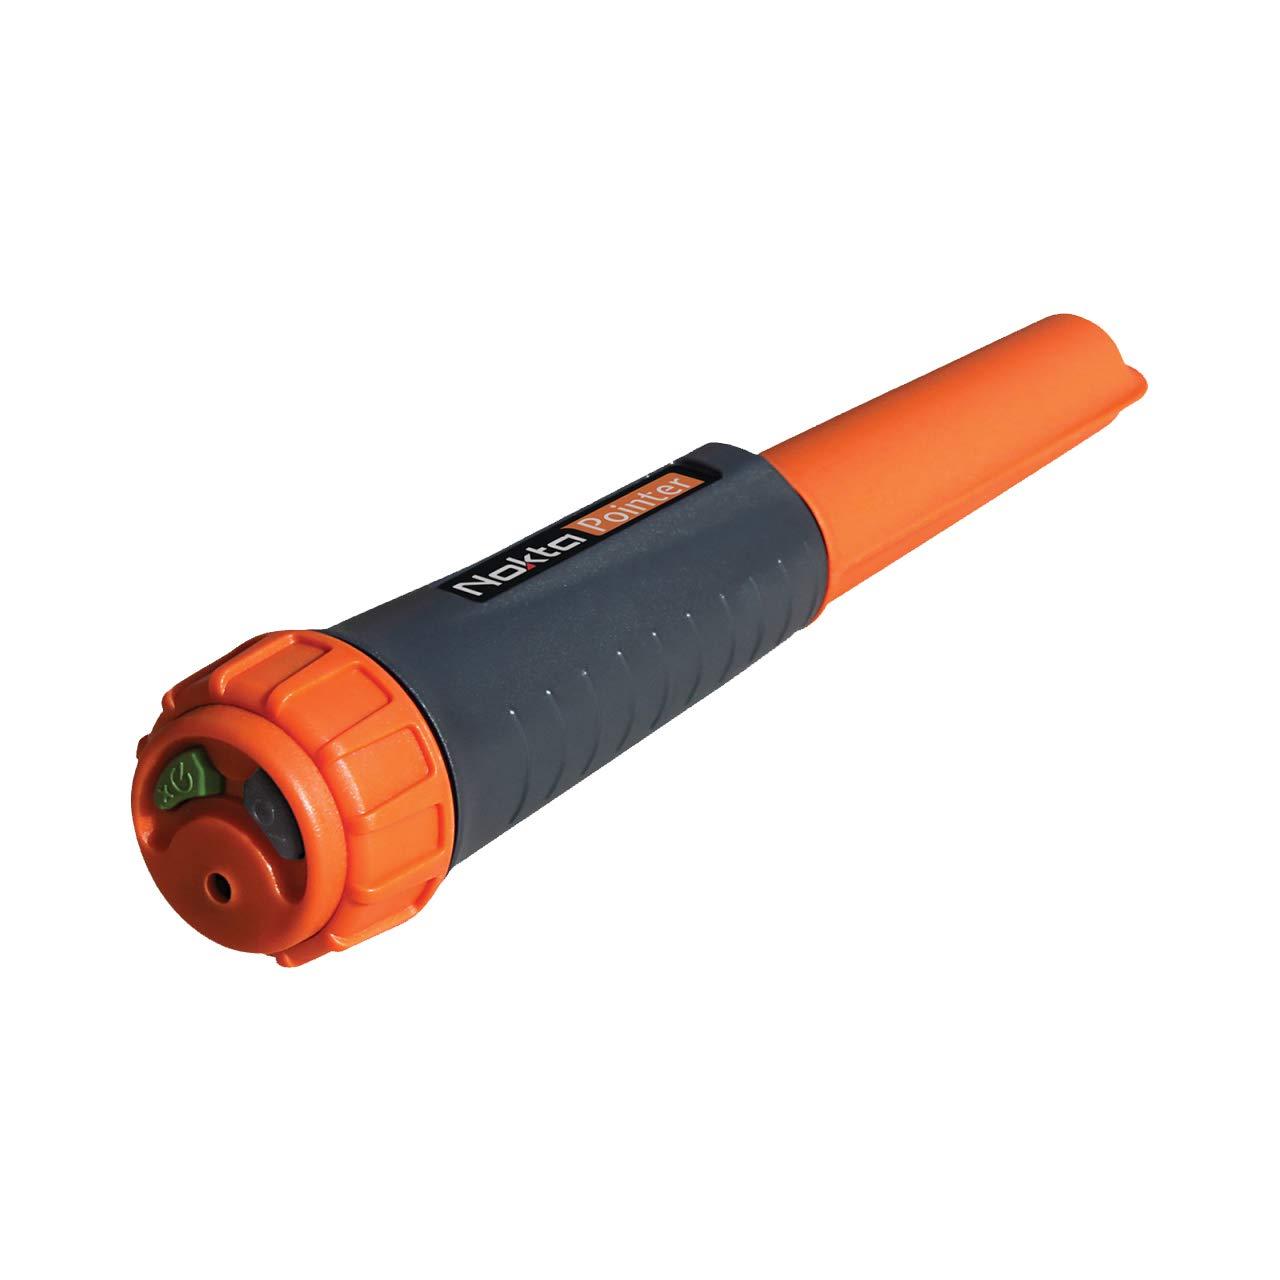 Nocta Pointer - Detector de metales Resistente al agua IP 67 Detección de 360º: Amazon.es: Bricolaje y herramientas